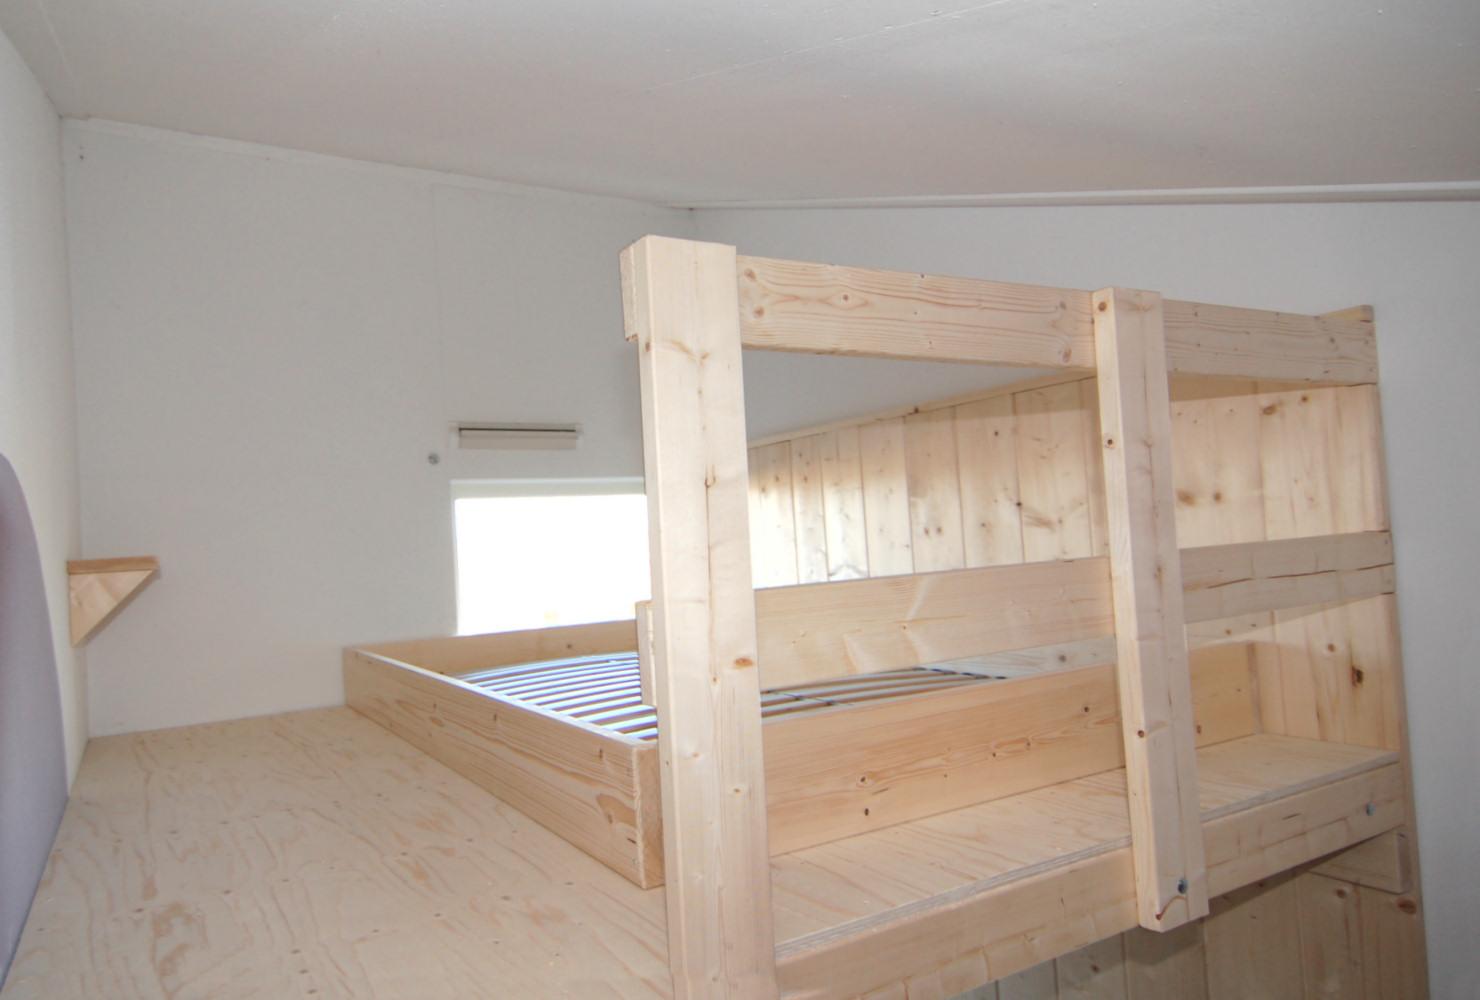 Hoog Slapen In Een Kinderkamer Met Videbed Mura Mura